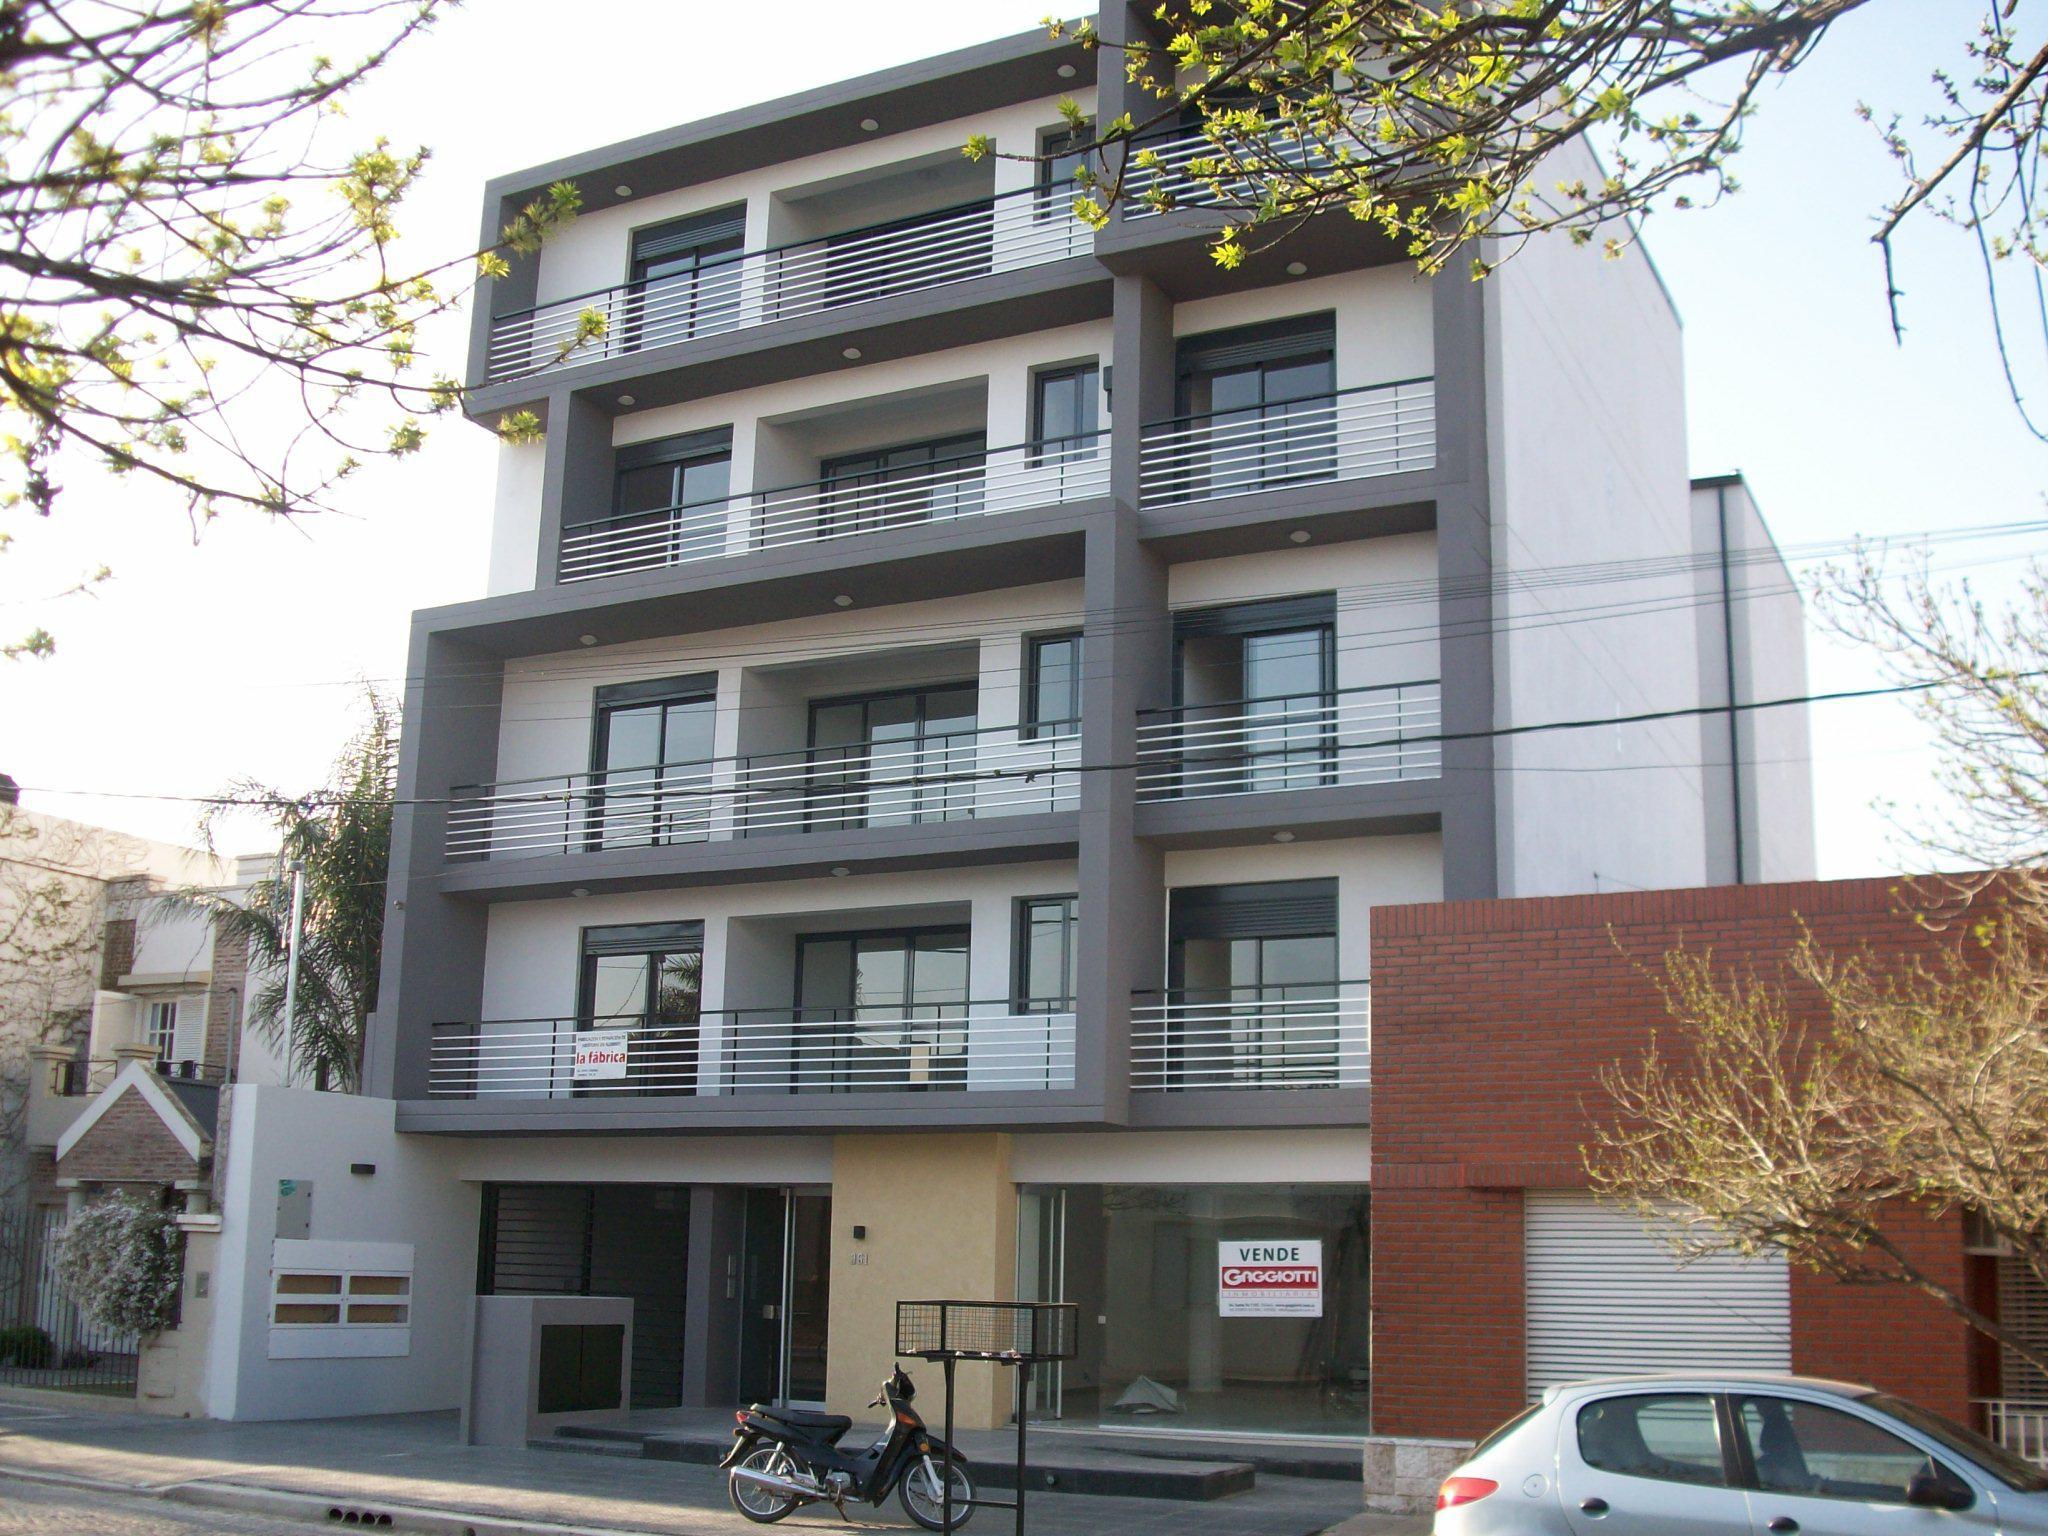 Alem al 300 - Gaggiotti Inmobiliaria cuenta con más de 50 años desde que se inicio en el negocio de los servicios inmobiliarios.